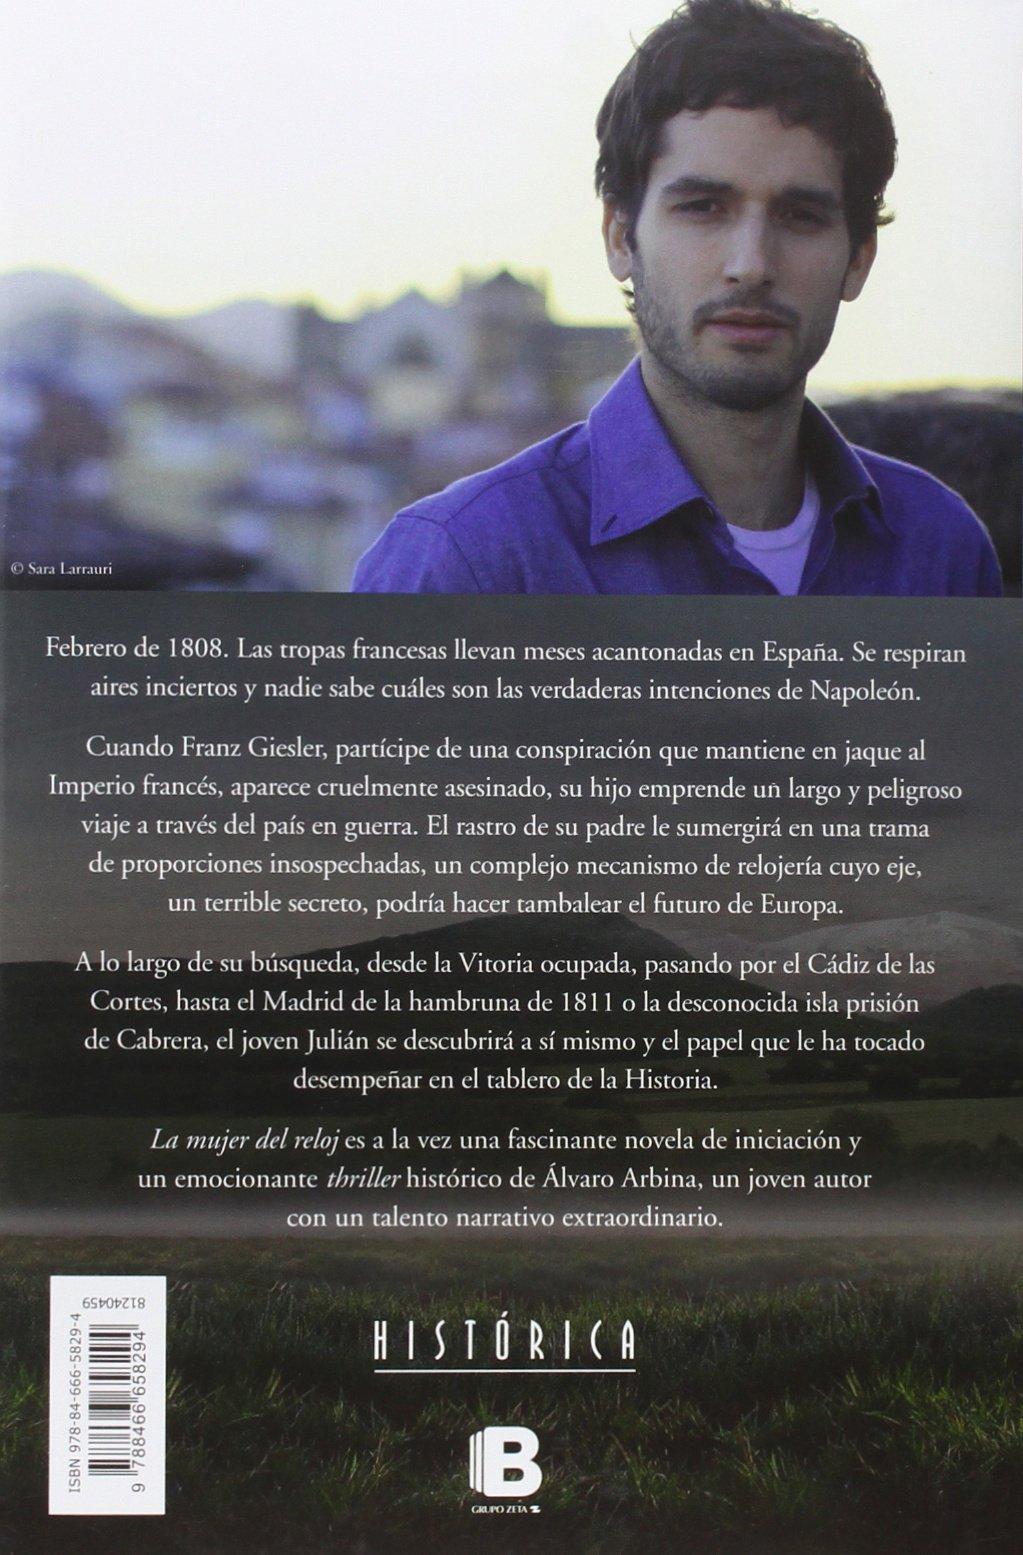 La mujer del reloj / The Woman of the Watch (Spanish Edition): Alvaro Arbina: 9788466658294: Amazon.com: Books